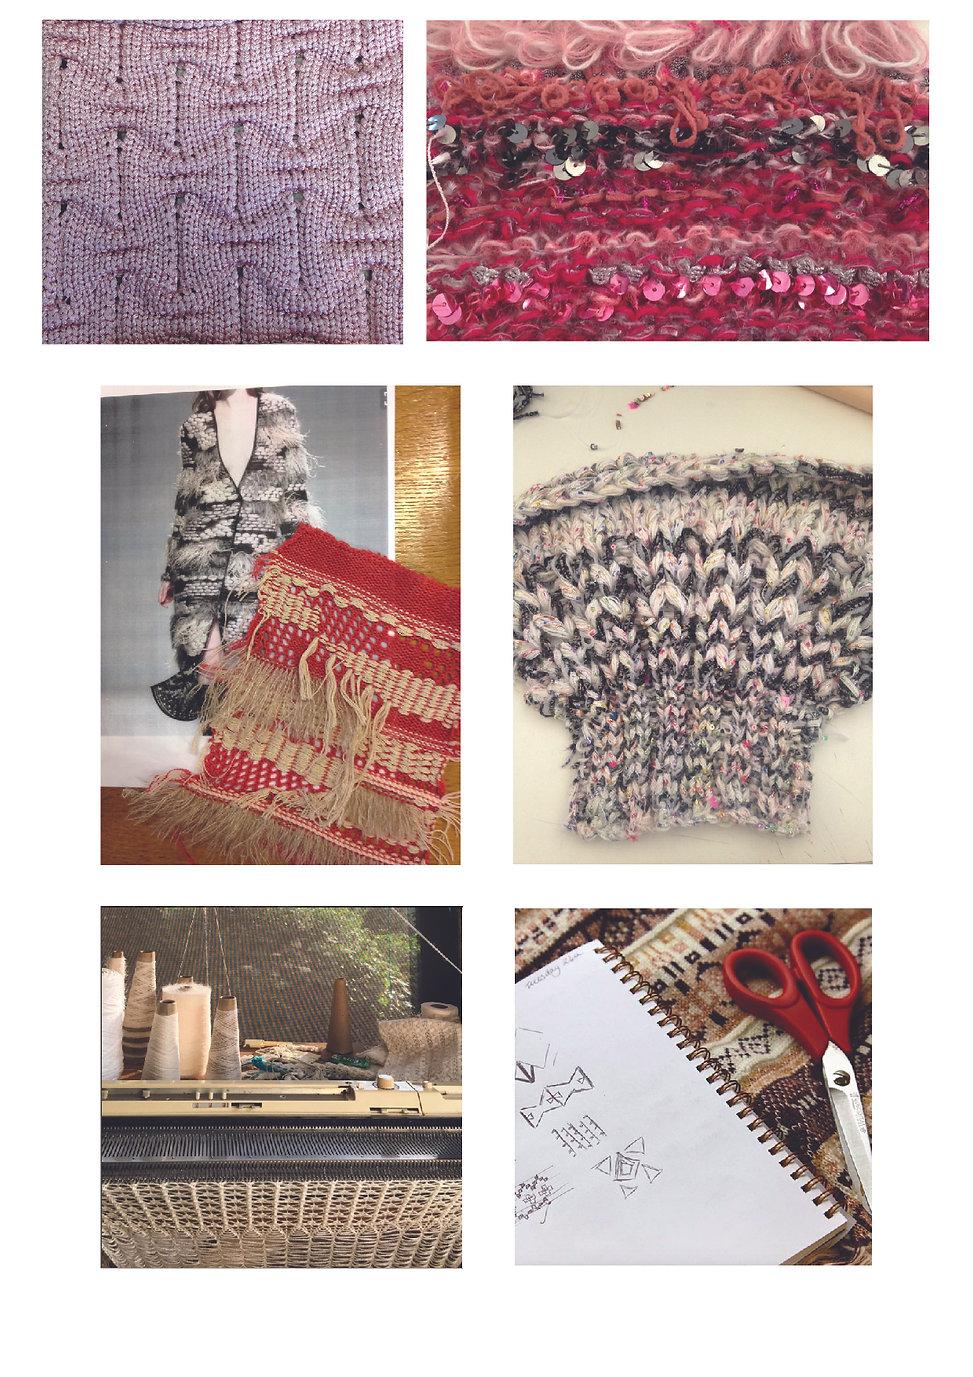 knitting 1-01.jpg